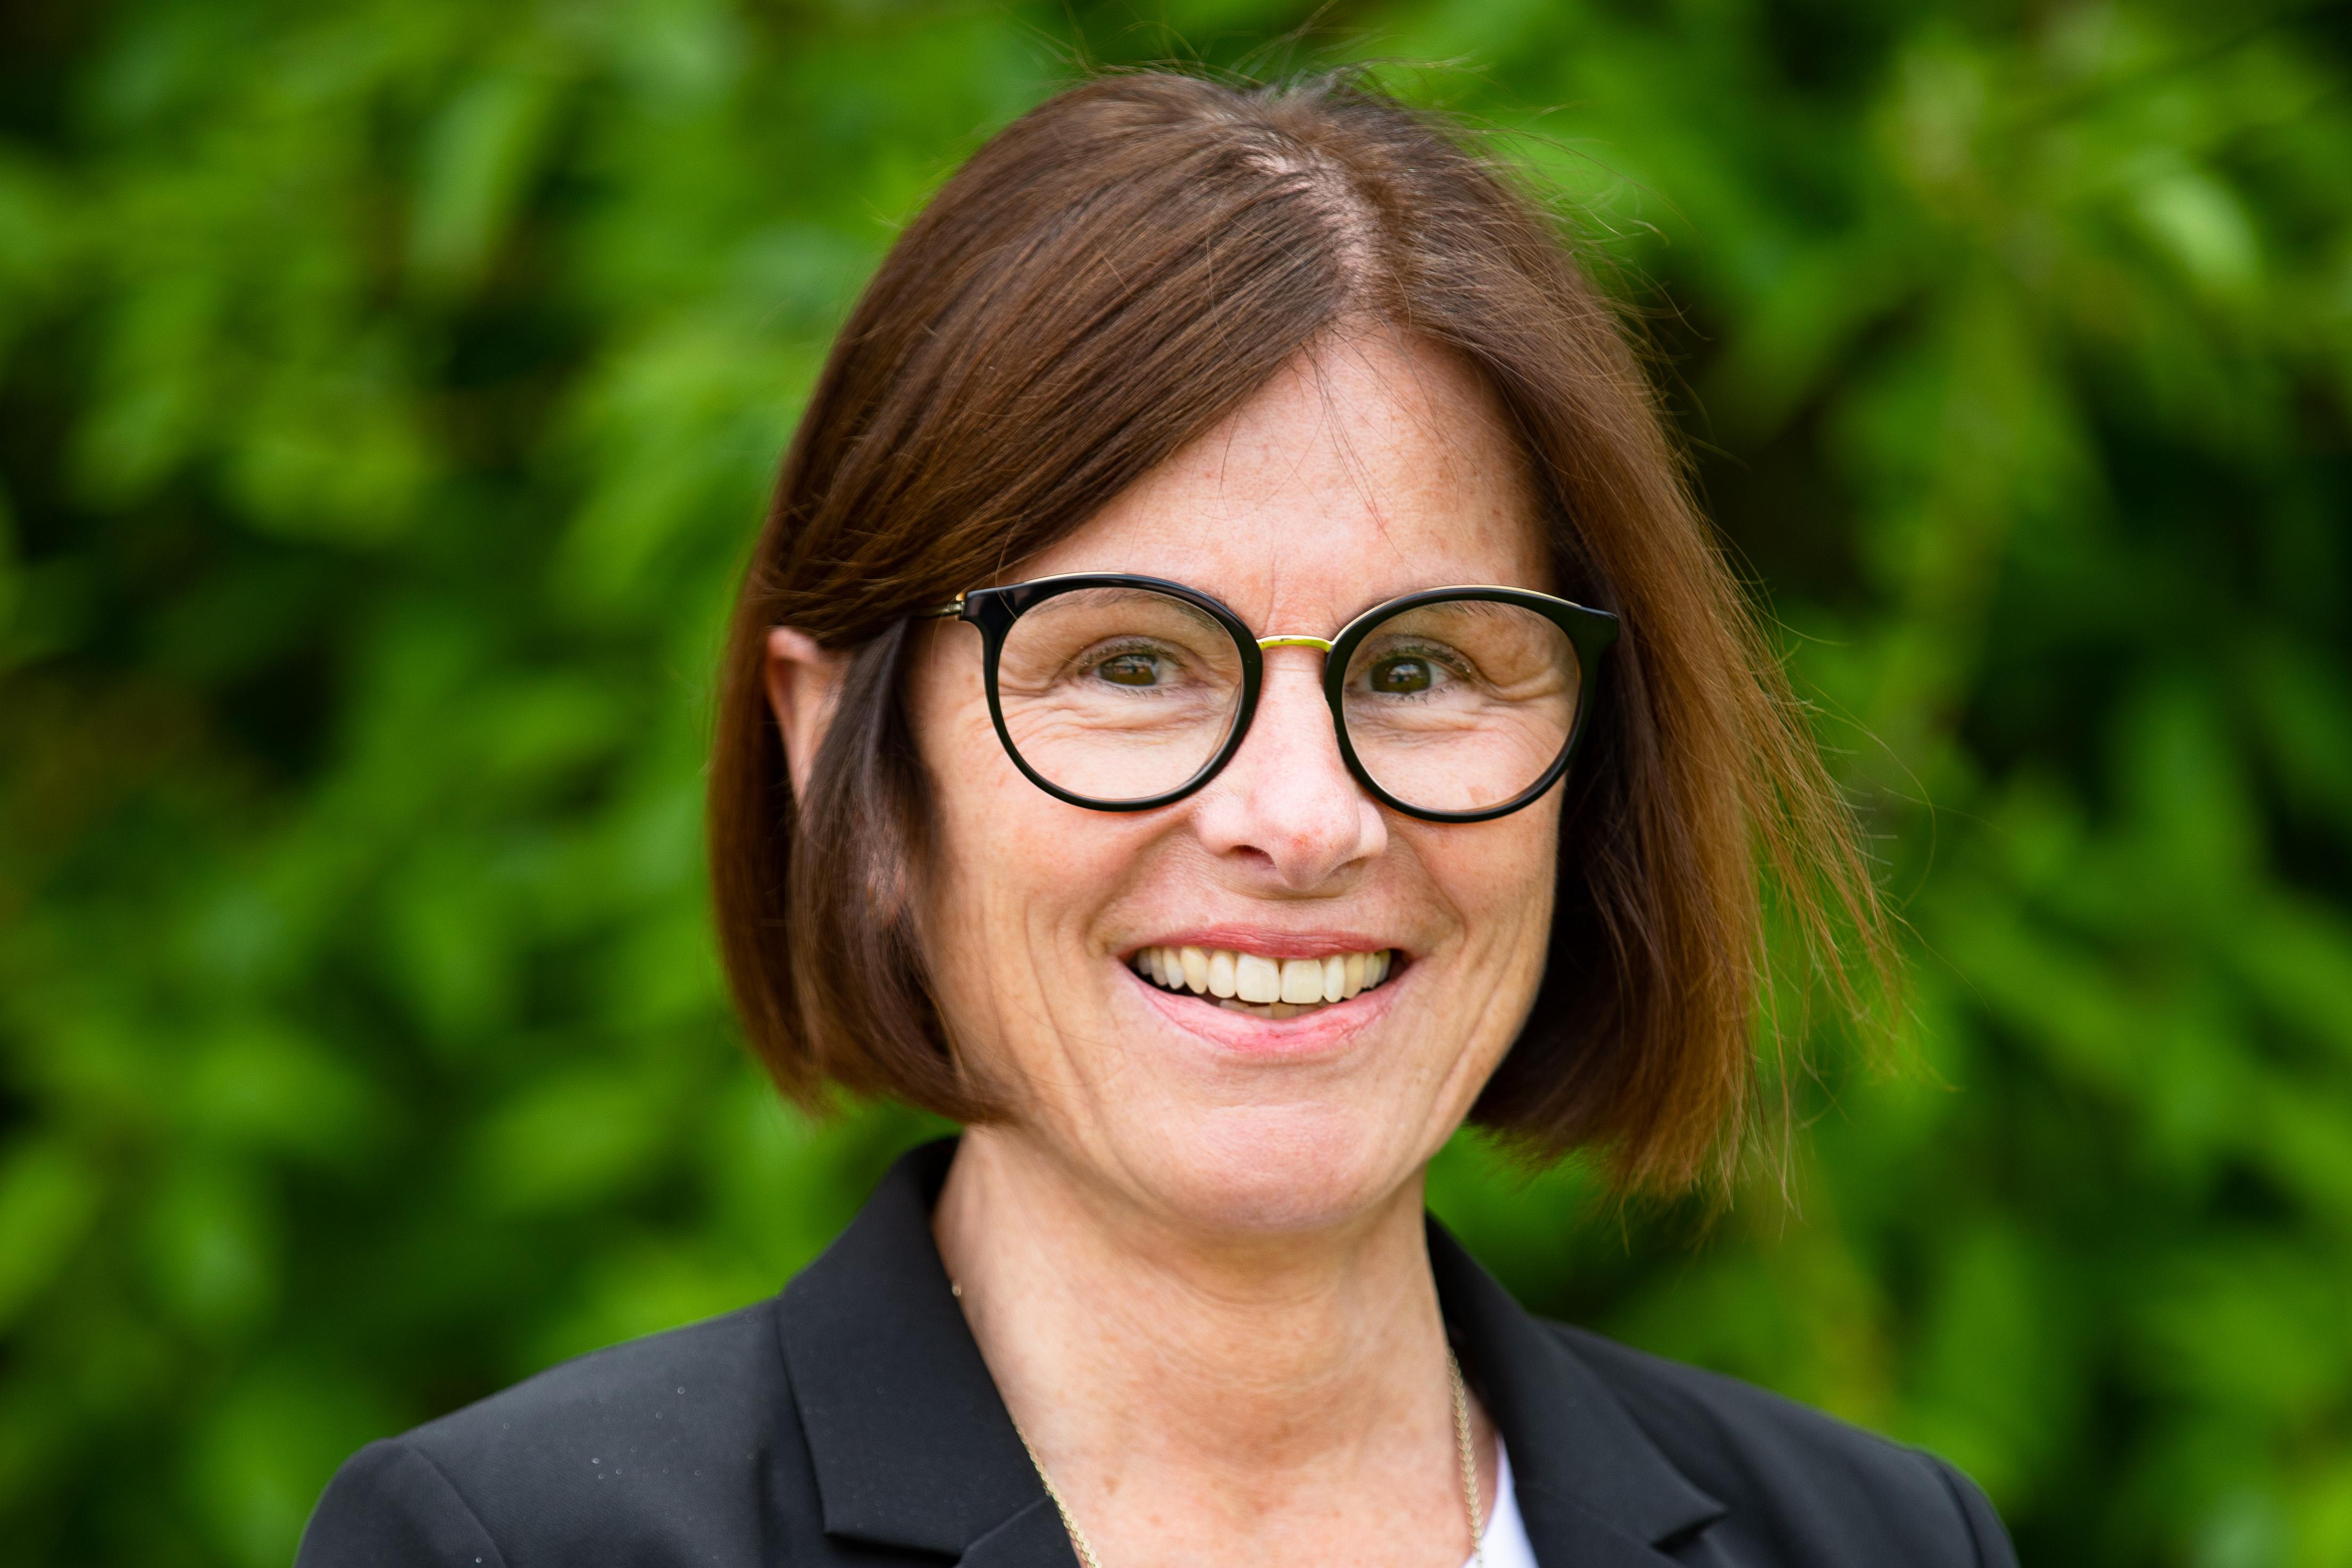 Annelie Jungblutt